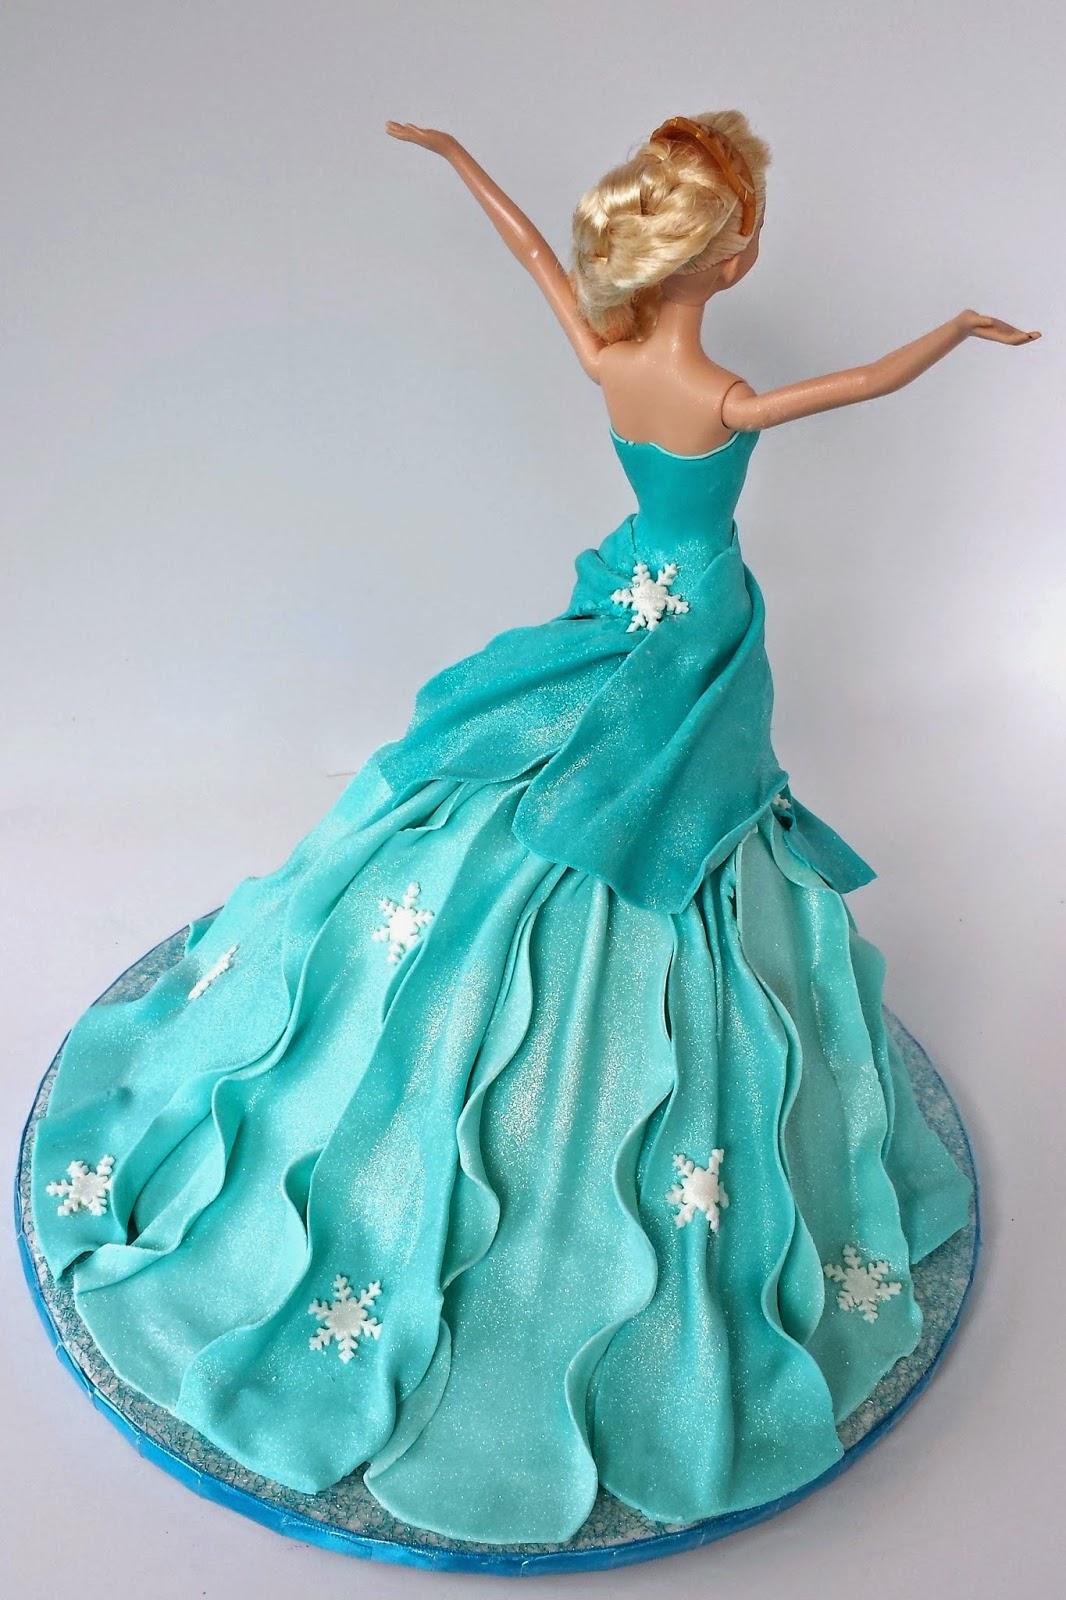 Cake Blog Elsa Doll Cake Tutorial